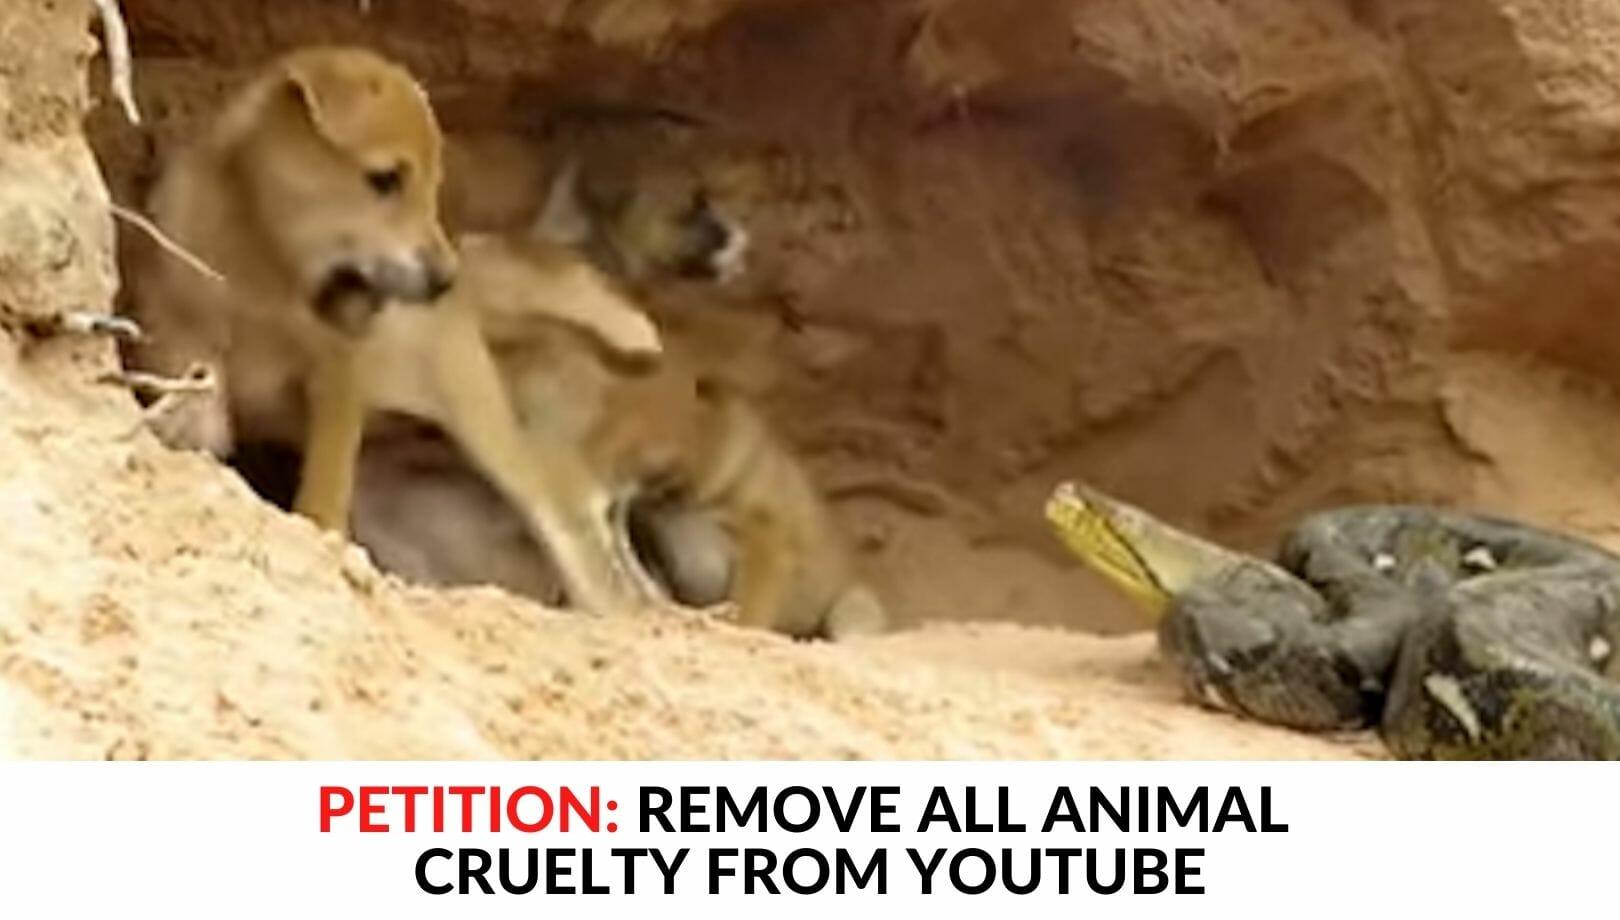 YOUTUBE ANIMAL CRUELTY